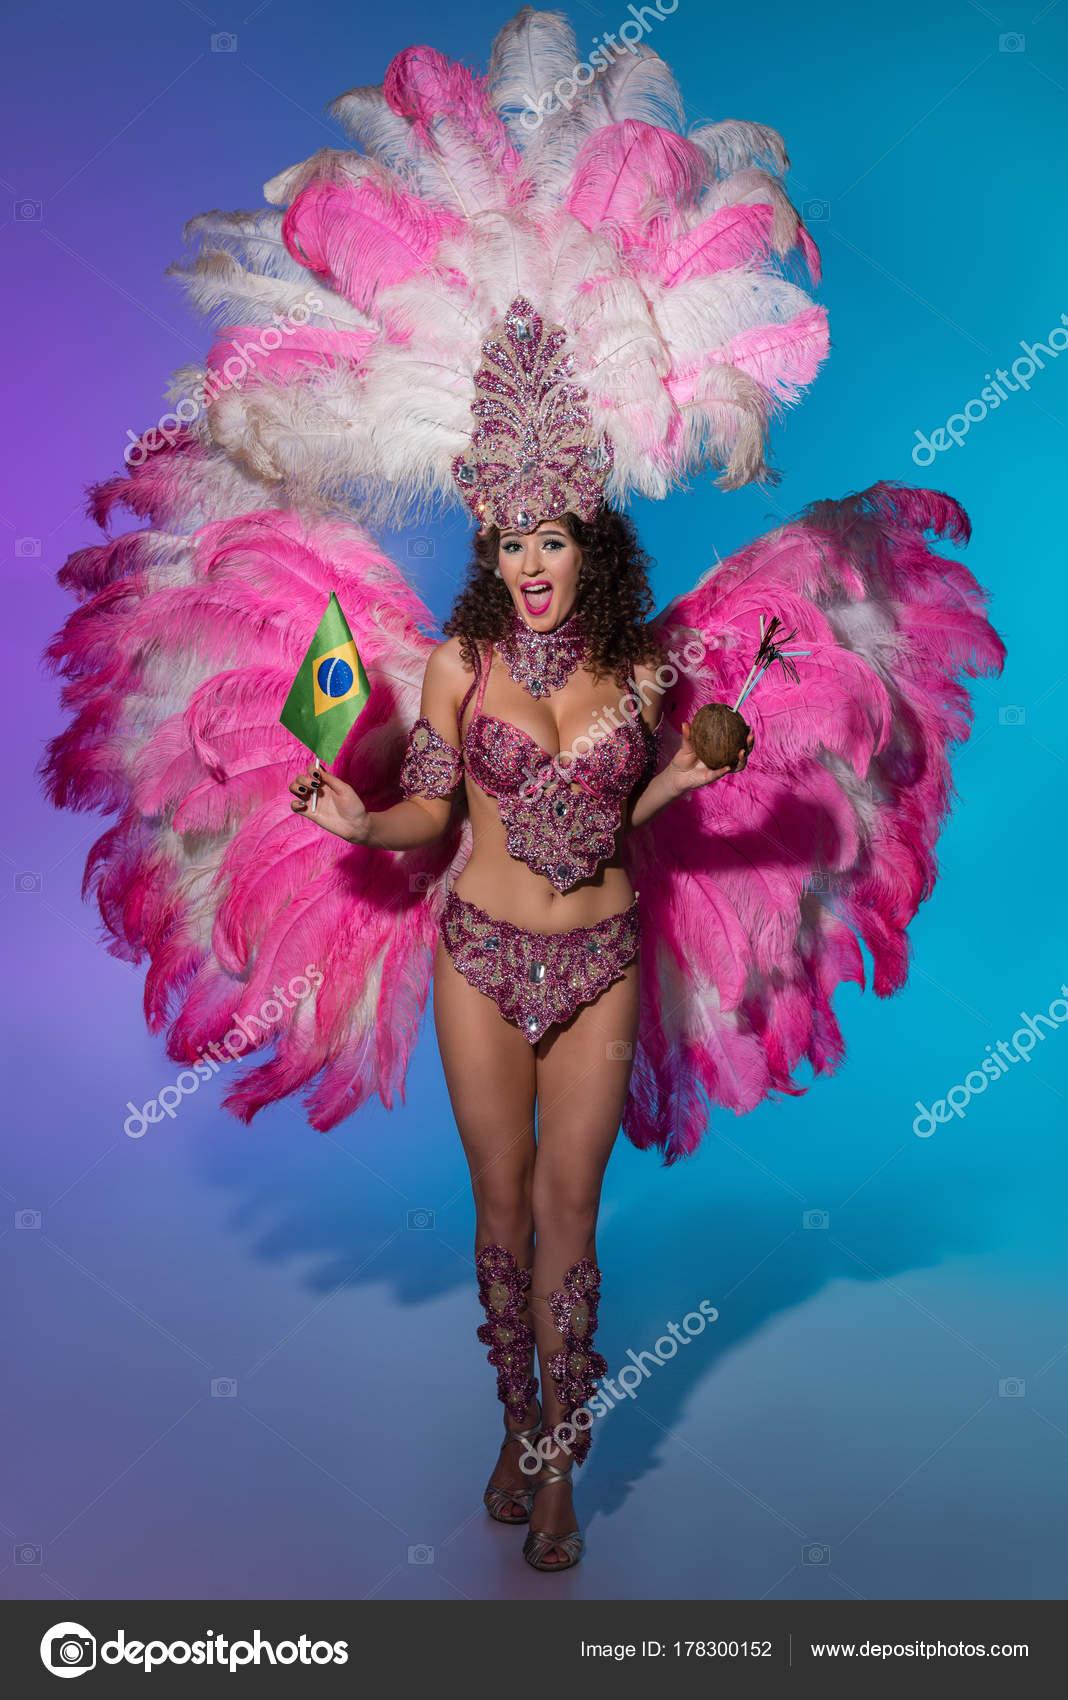 9c1e074fdb20 Imágenes: pluma en brasileño | Mujer Alegre Traje Carnaval Con ...